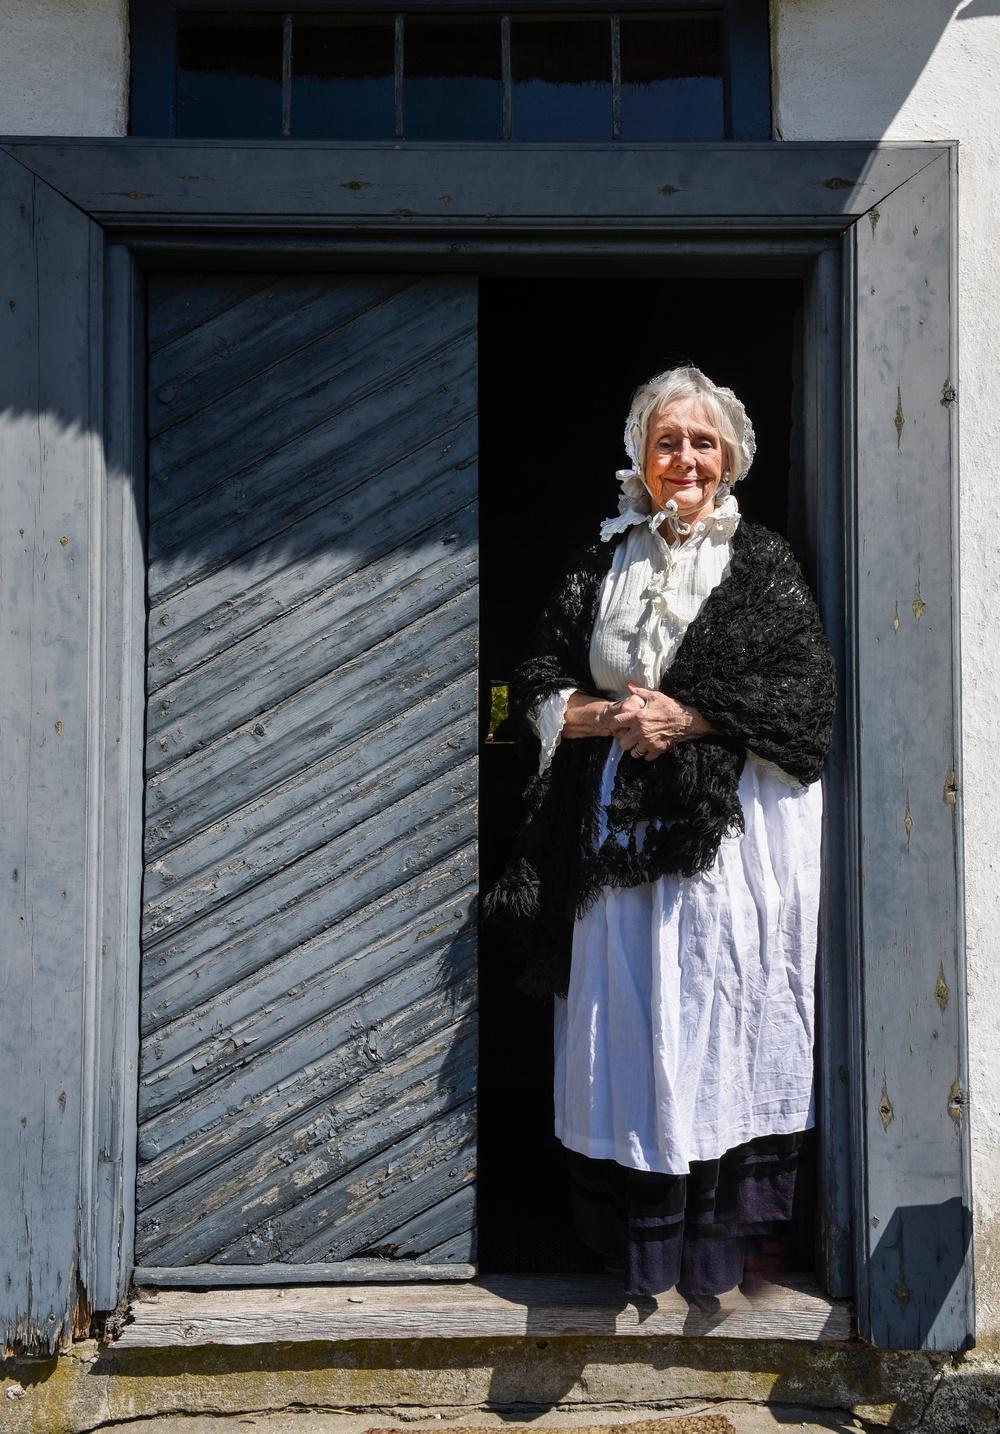 Volontär Ulrika Key i dörröppningen till Västra Vrams prästgård på Kulturen i Lund. Foto: Viveca Ohlsson, Kulturen.